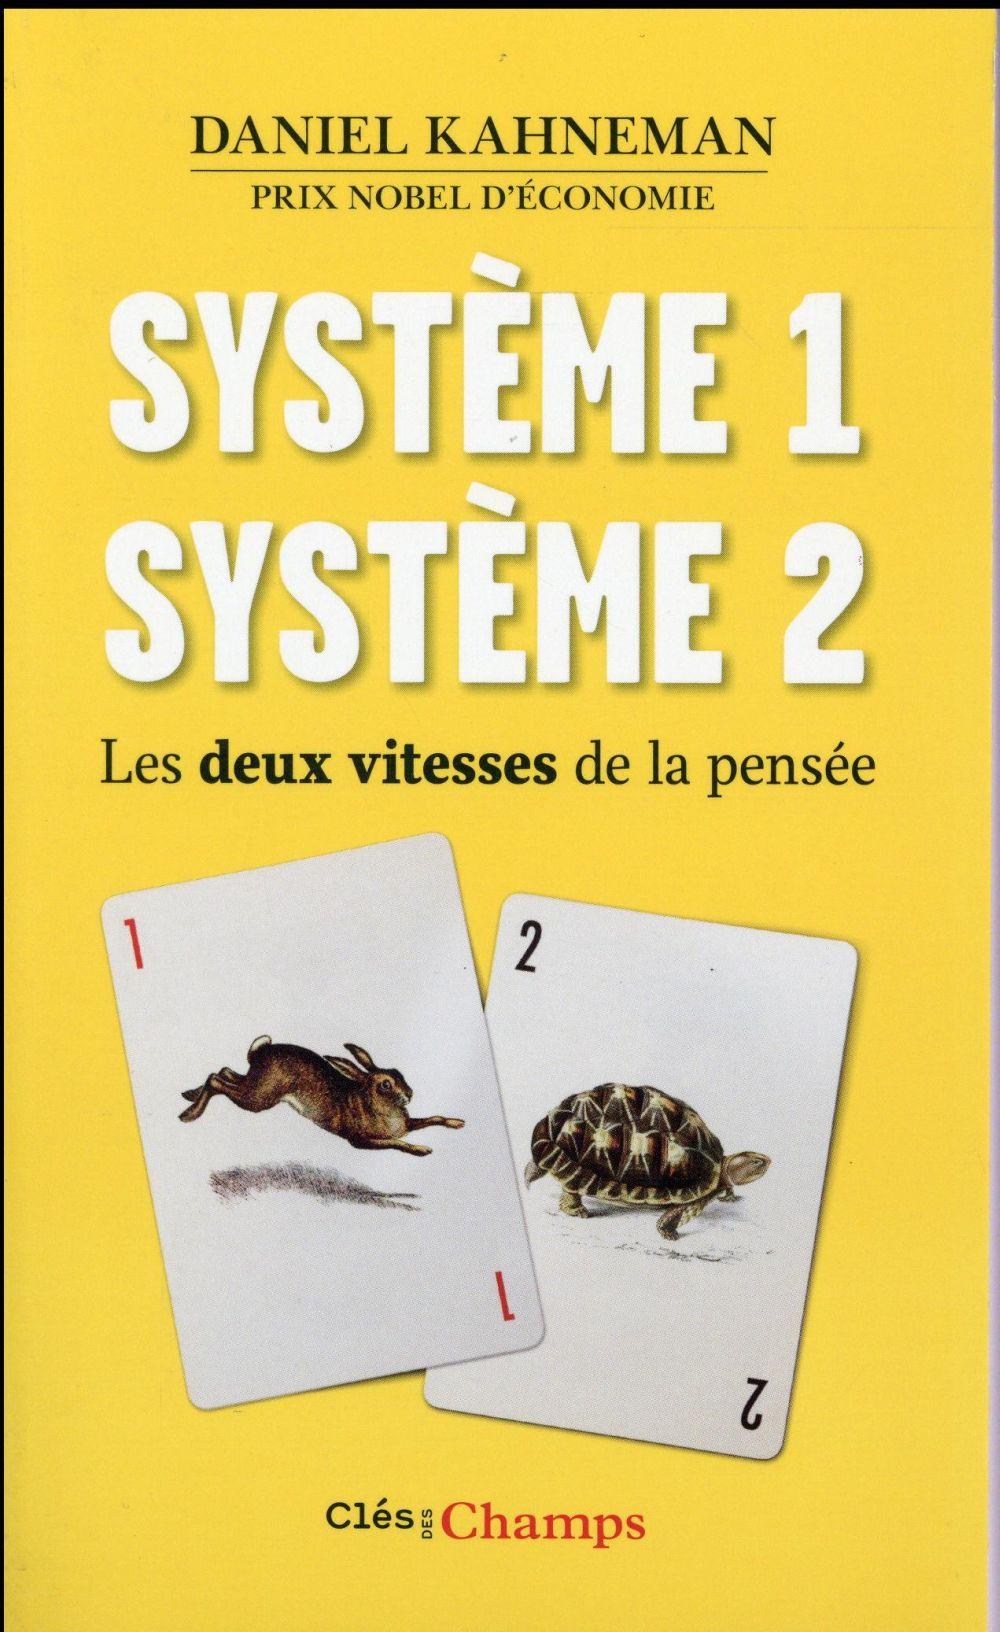 SYSTEME 1 / SYSTEME 2 - LES DEUX VITESSES DE LA PENSEE